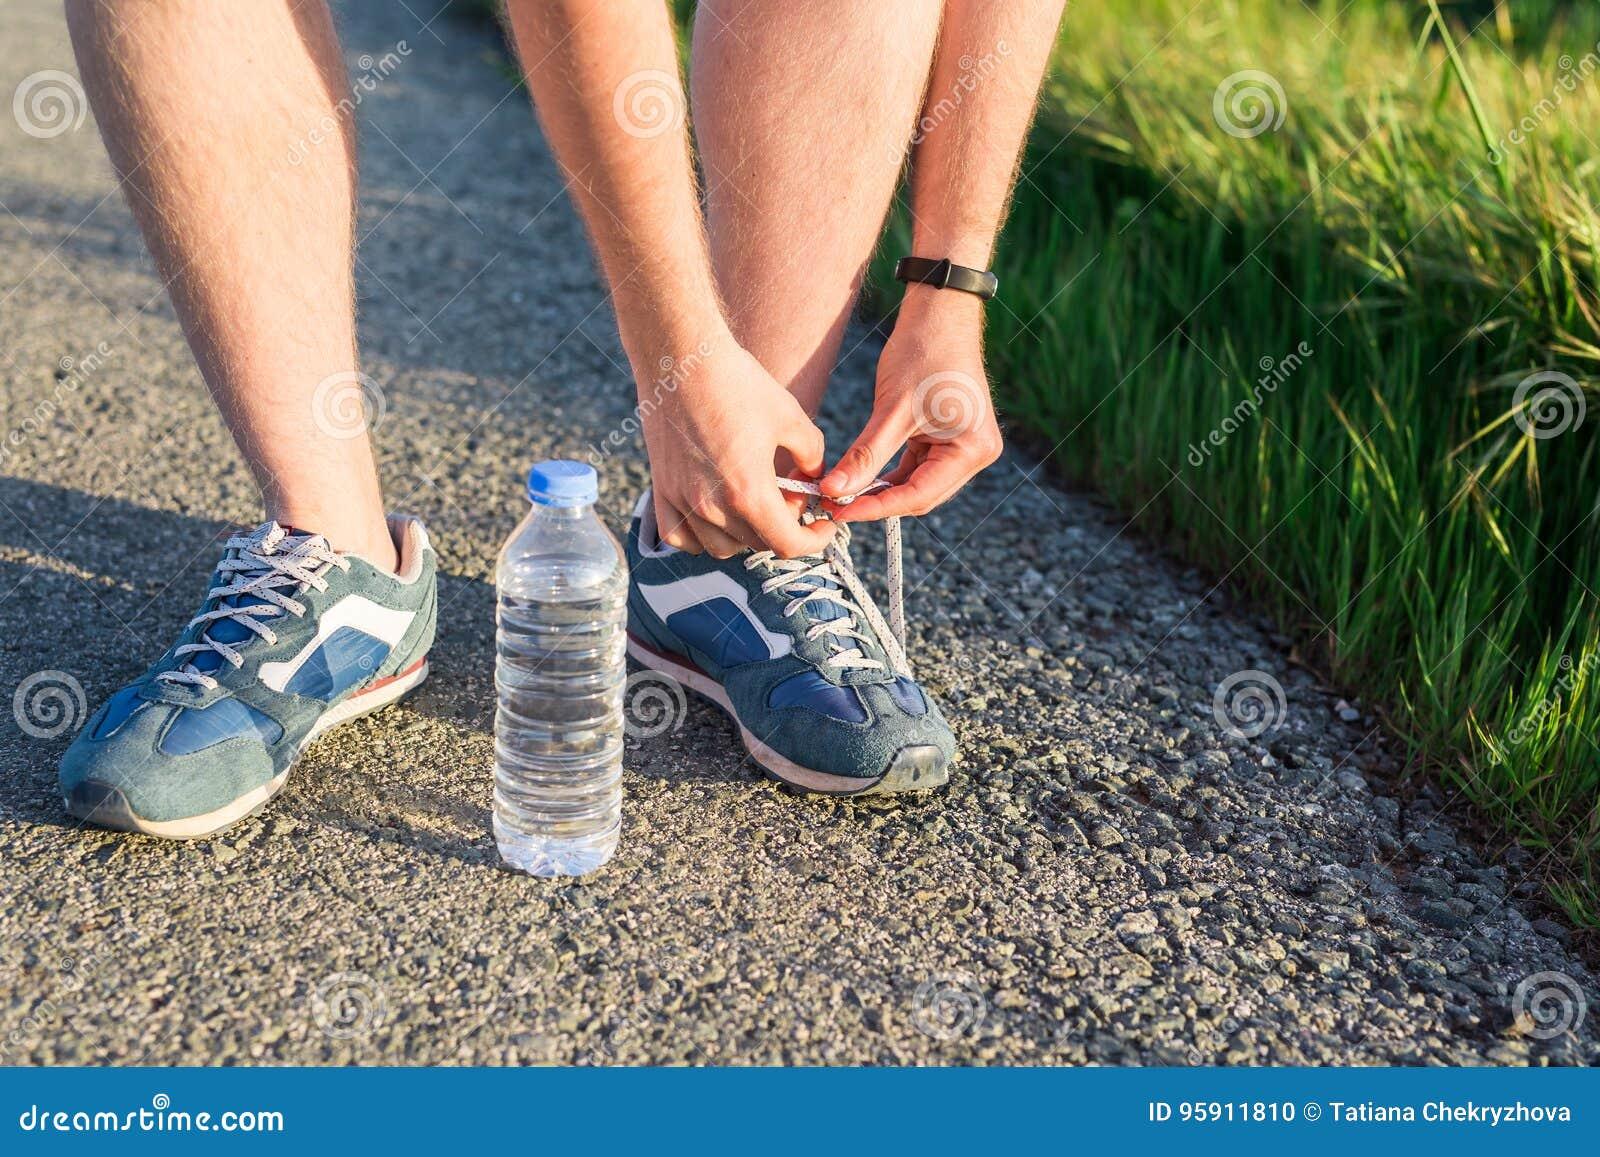 Sapatas Running Os tênis de corrida descalços fecham-se acima Atleta masculino que amarra laços para movimentar-se na estrada Pre